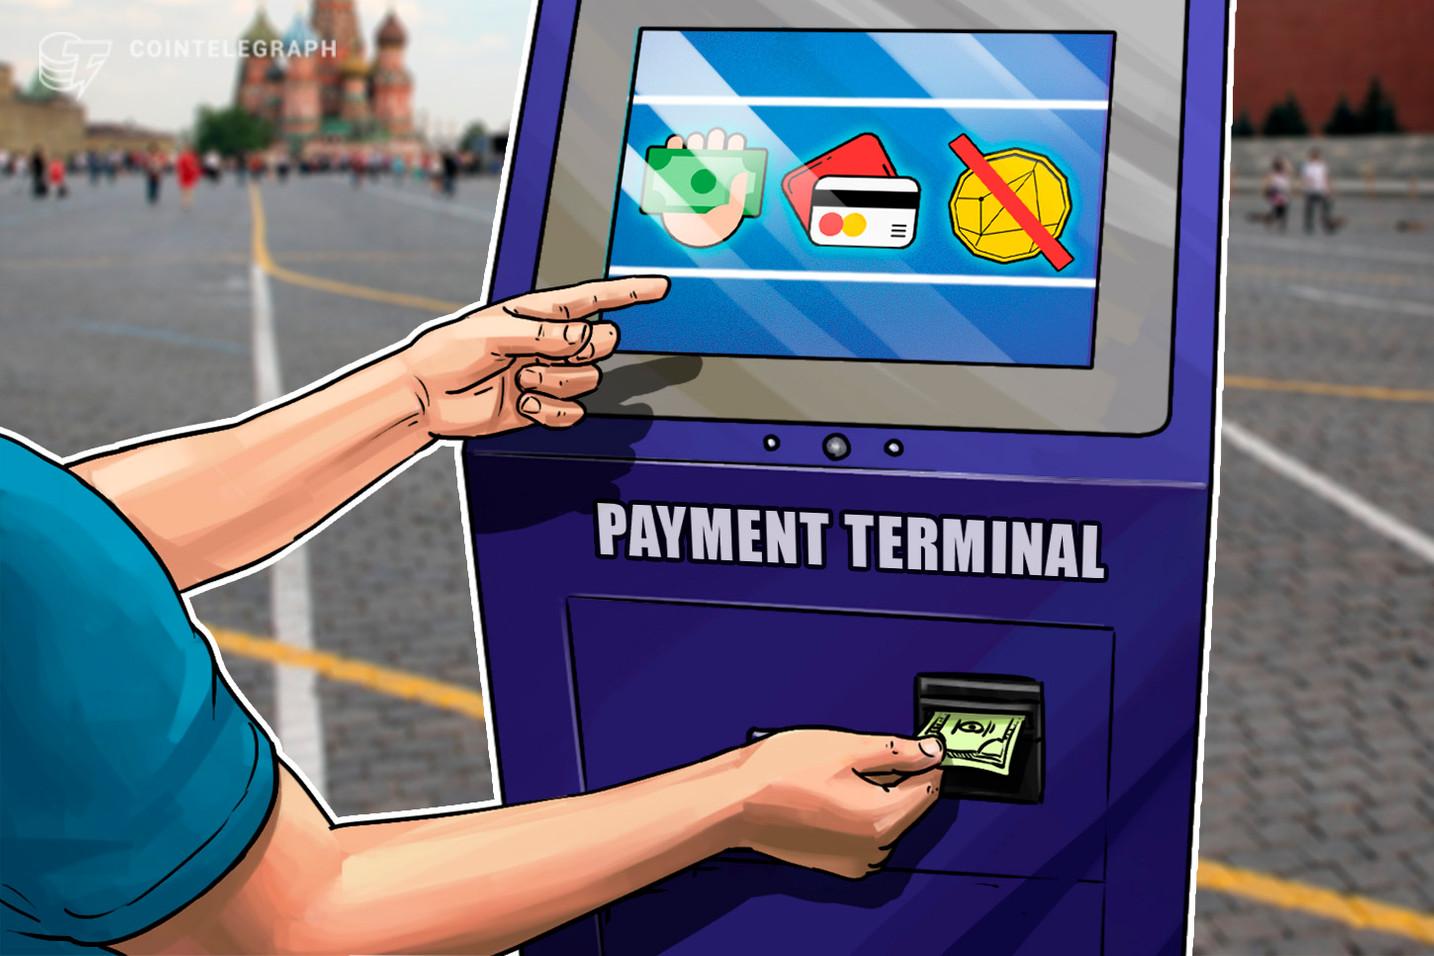 Kriptovalute još uvek nisu upotrebljive kao novac, zaključuje ruska agencija za ocenjivanje rejtinga